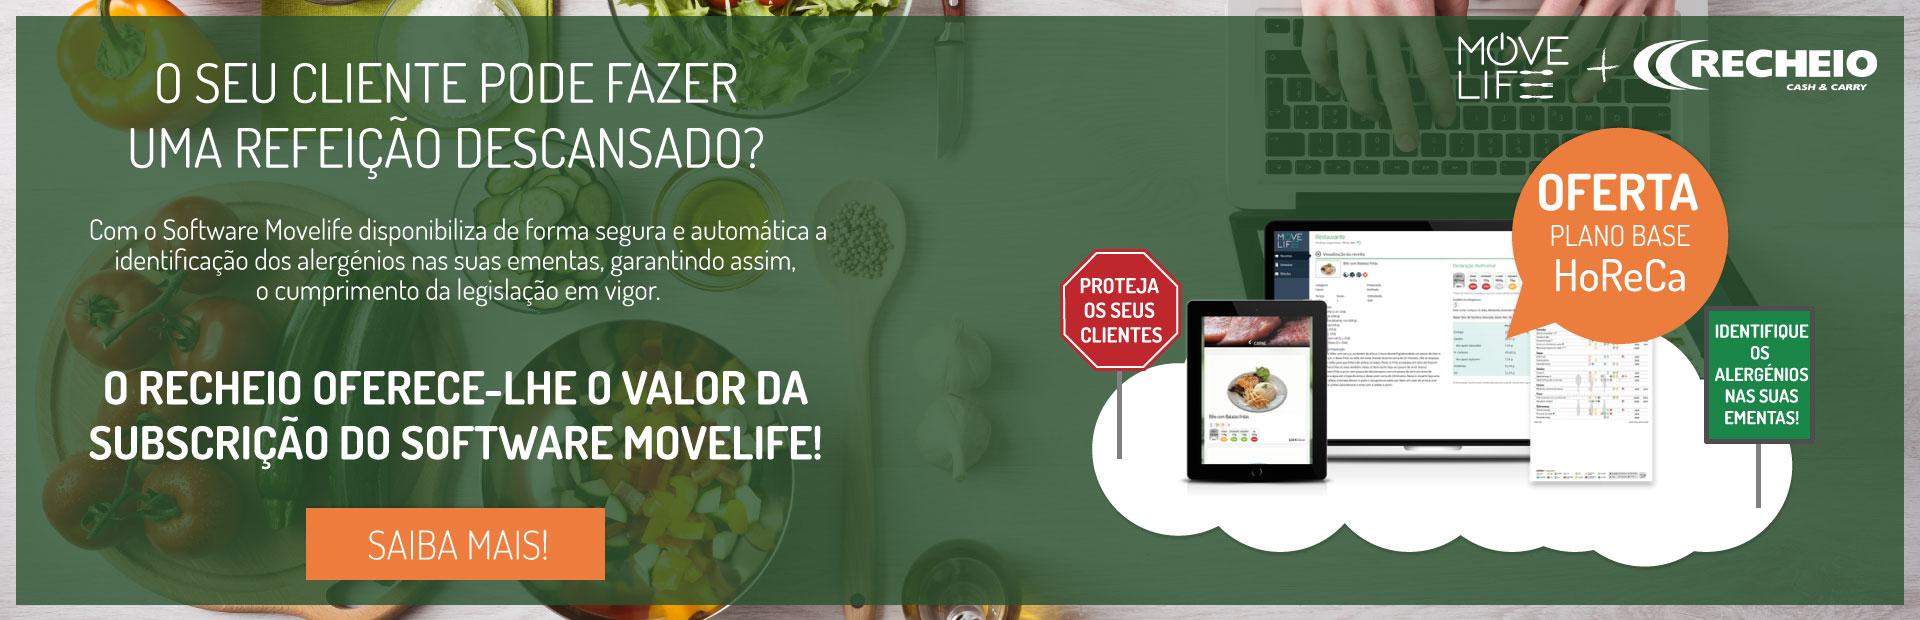 Movelife-Banner-Site-Recheio